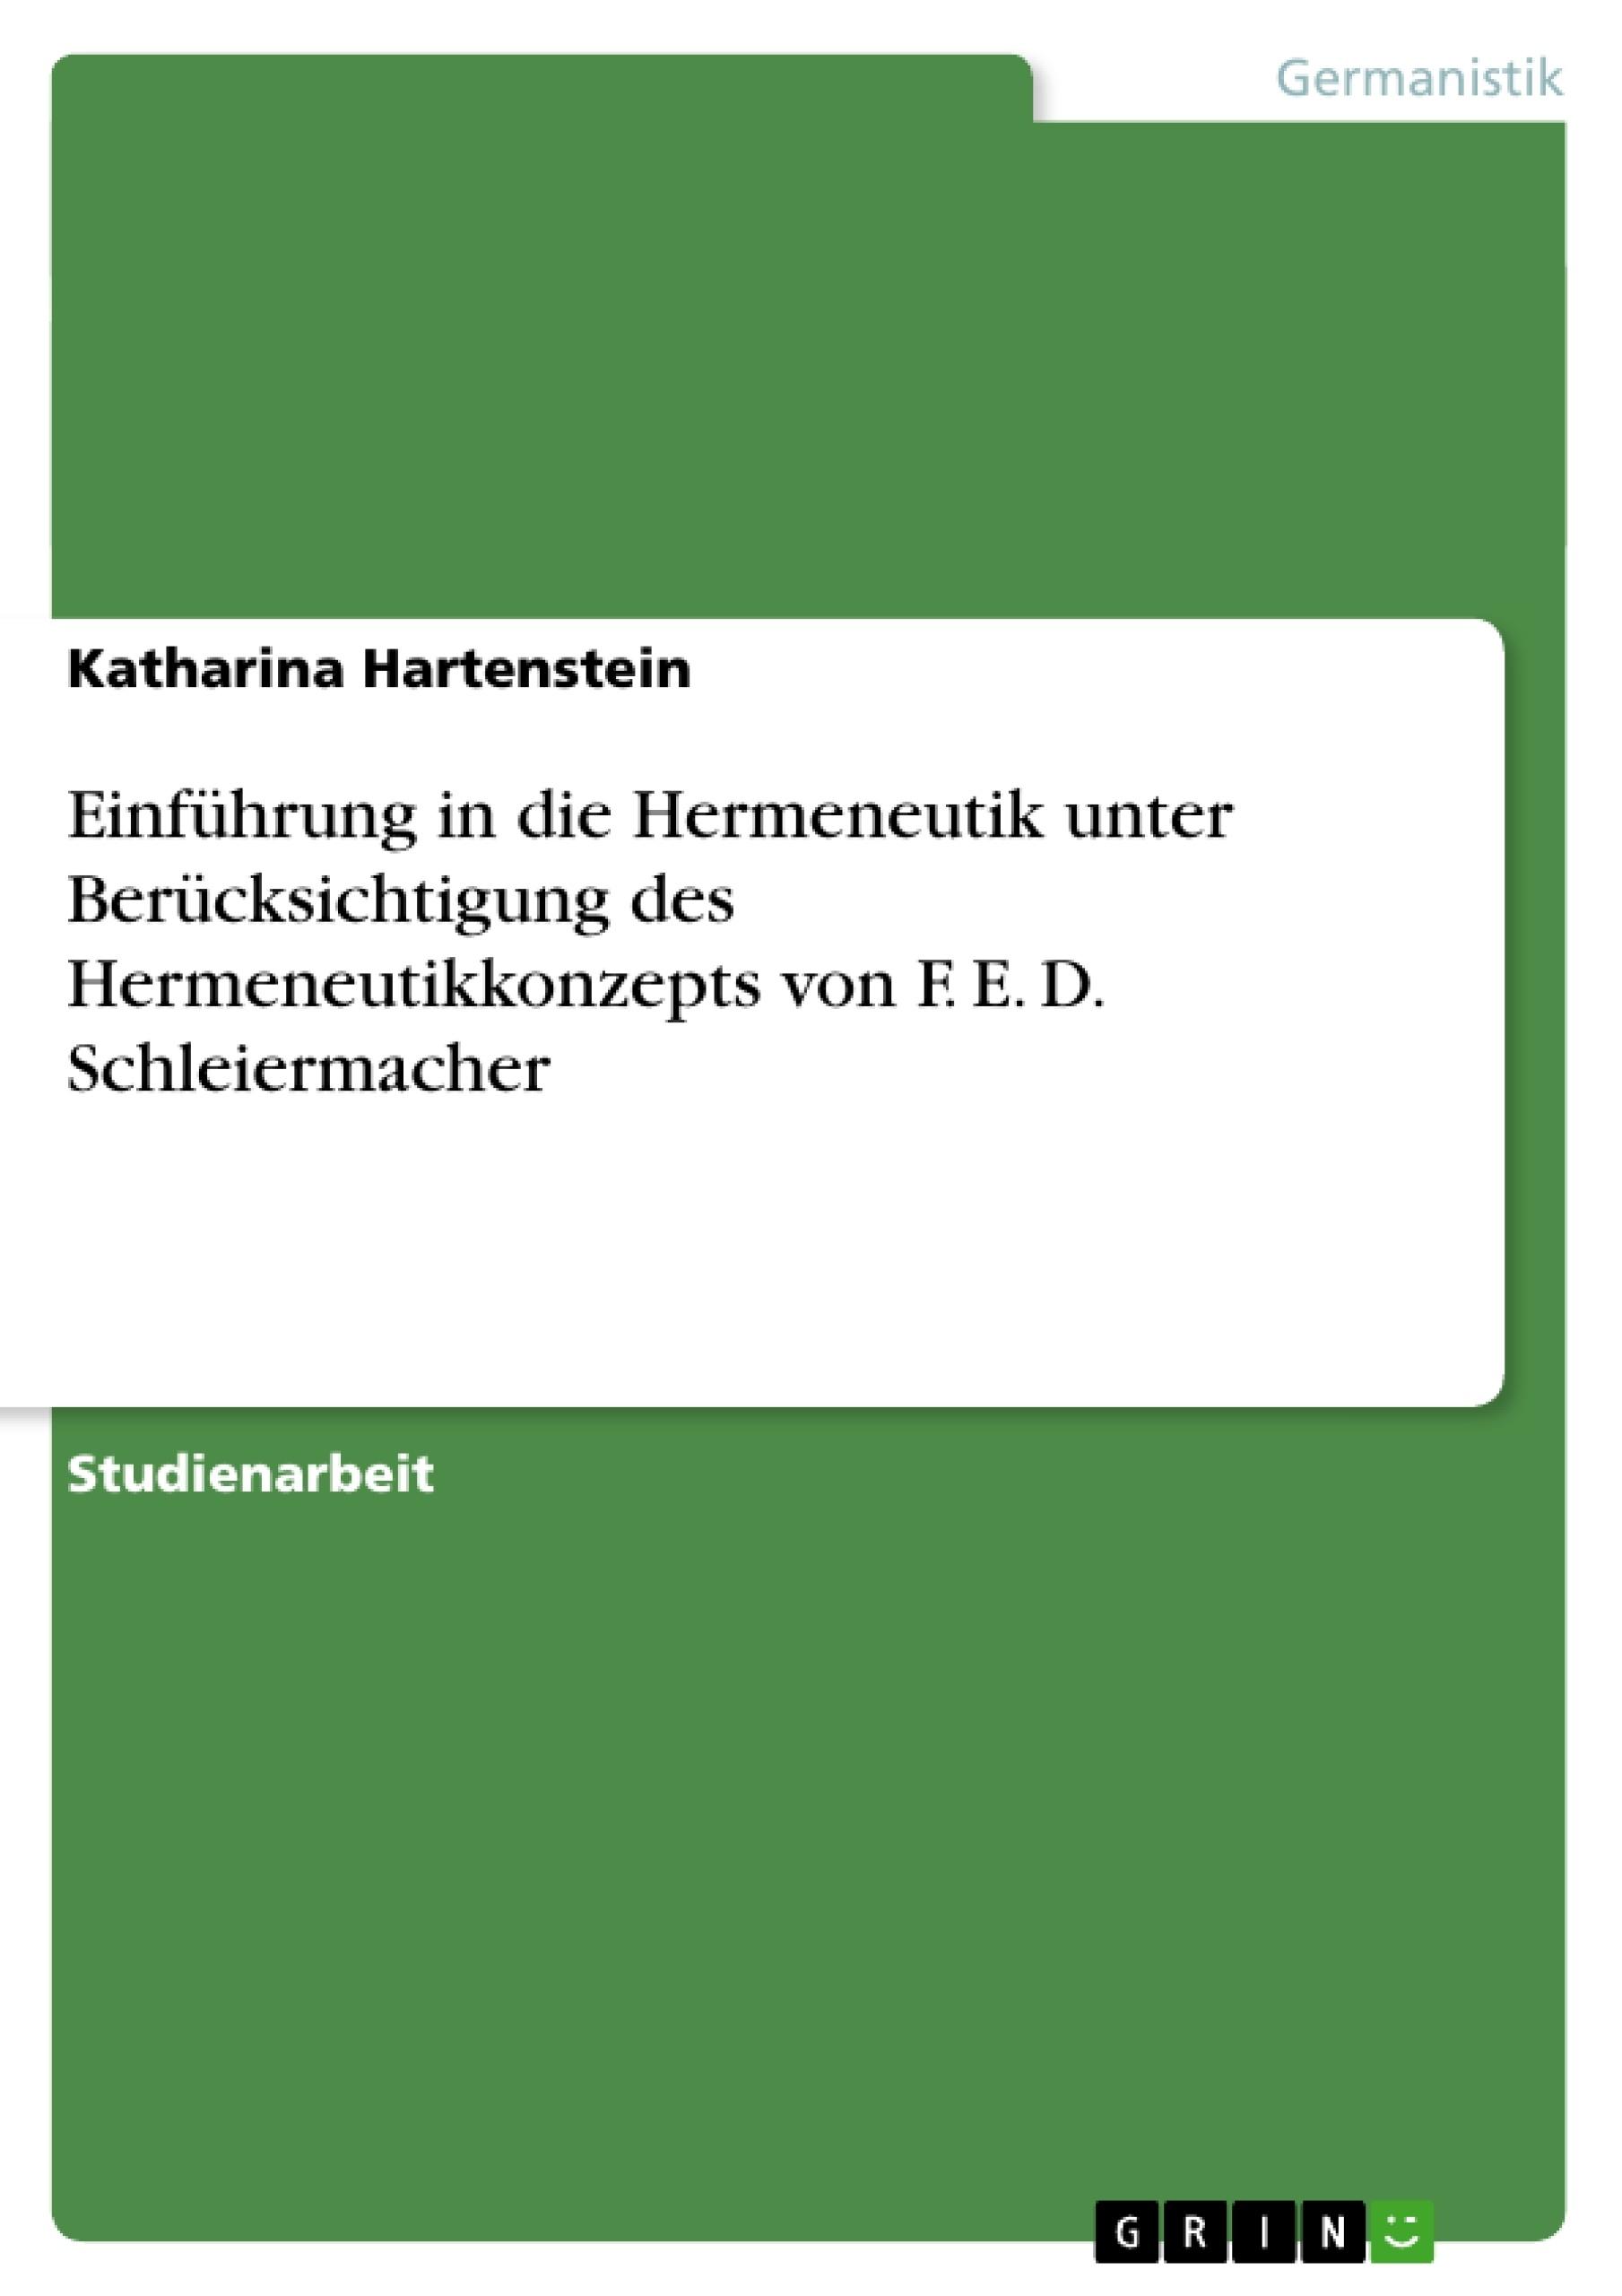 Titel: Einführung in die Hermeneutik unter Berücksichtigung des Hermeneutikkonzepts von F. E. D. Schleiermacher